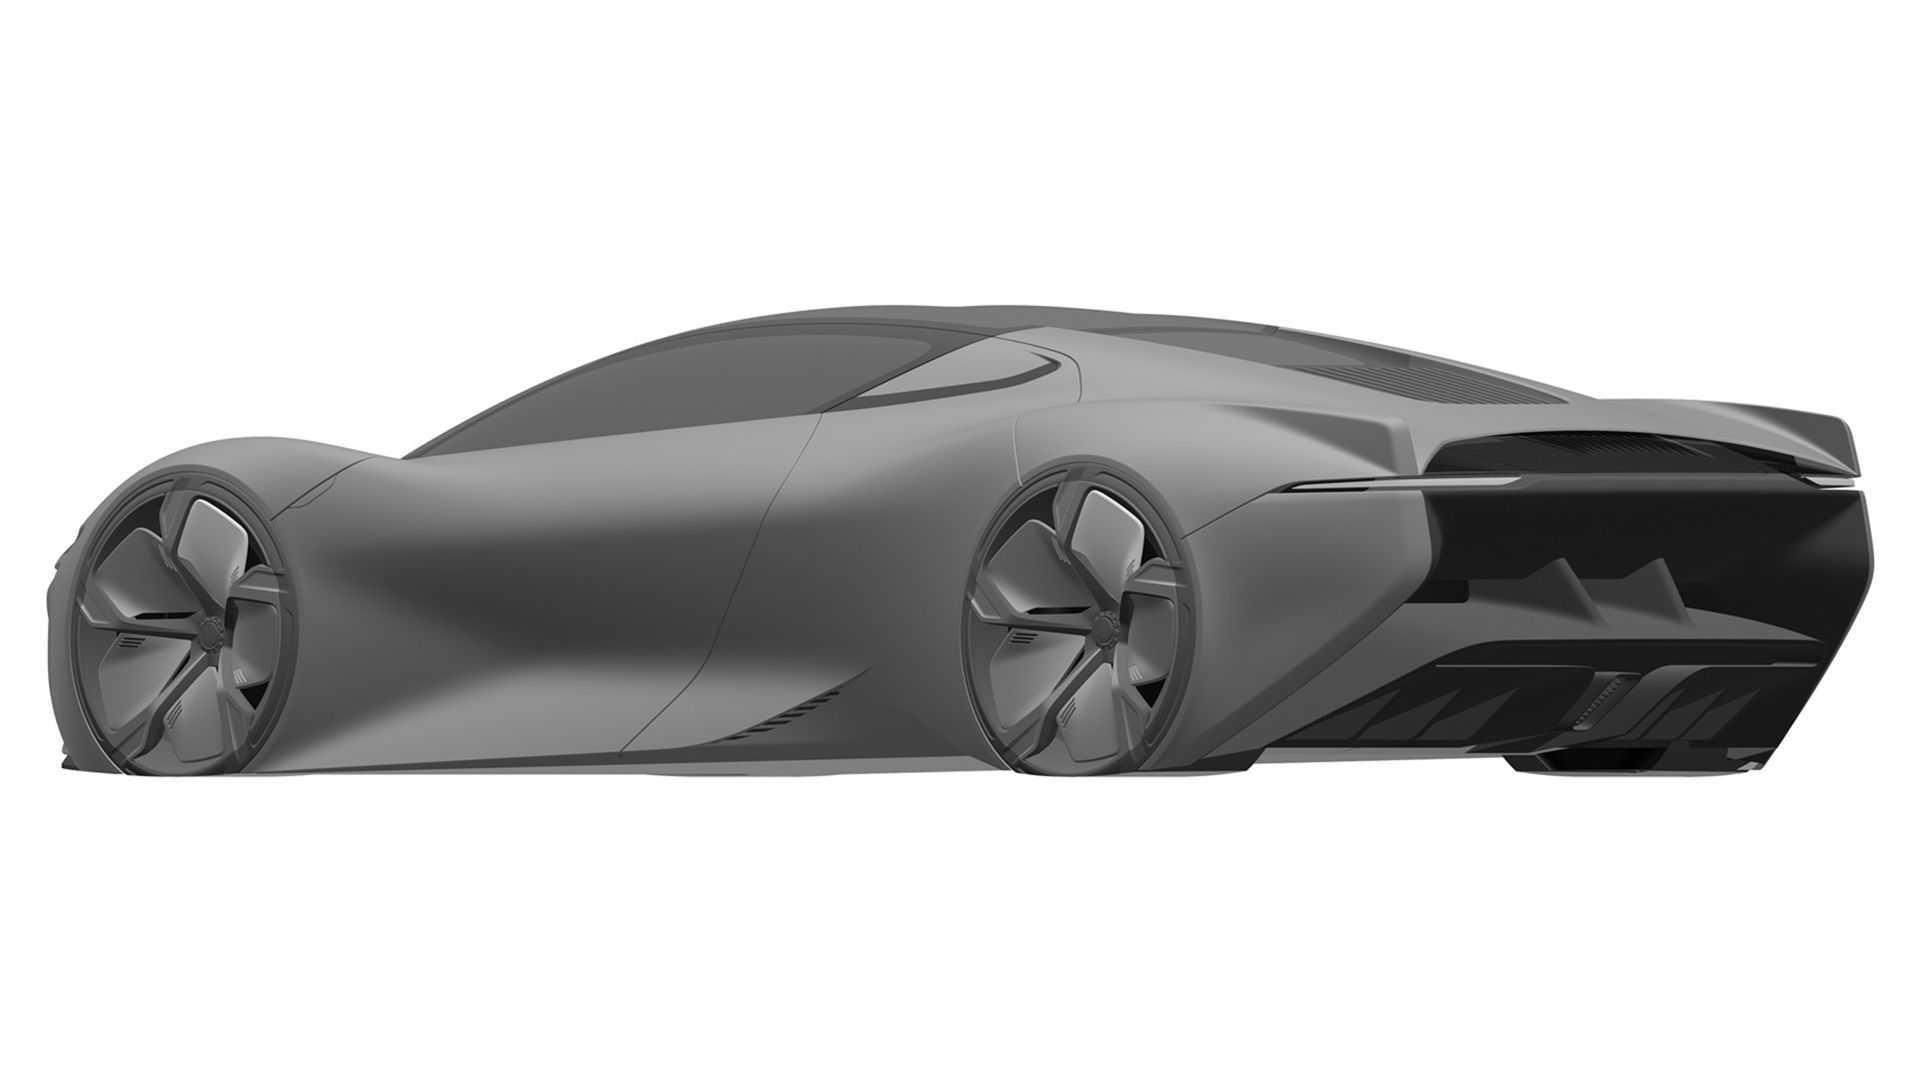 Jaguar-Supercar-Patent-Images-2